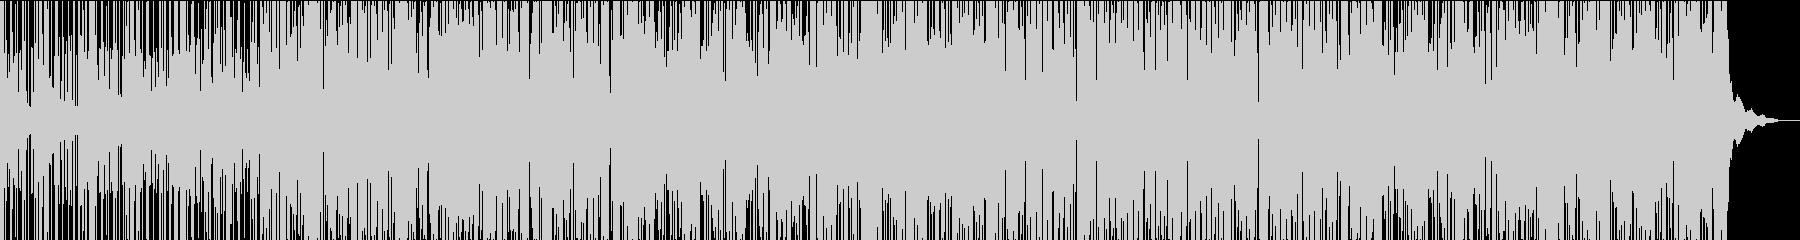 爽やかでシャープなグルーブのBGMの未再生の波形